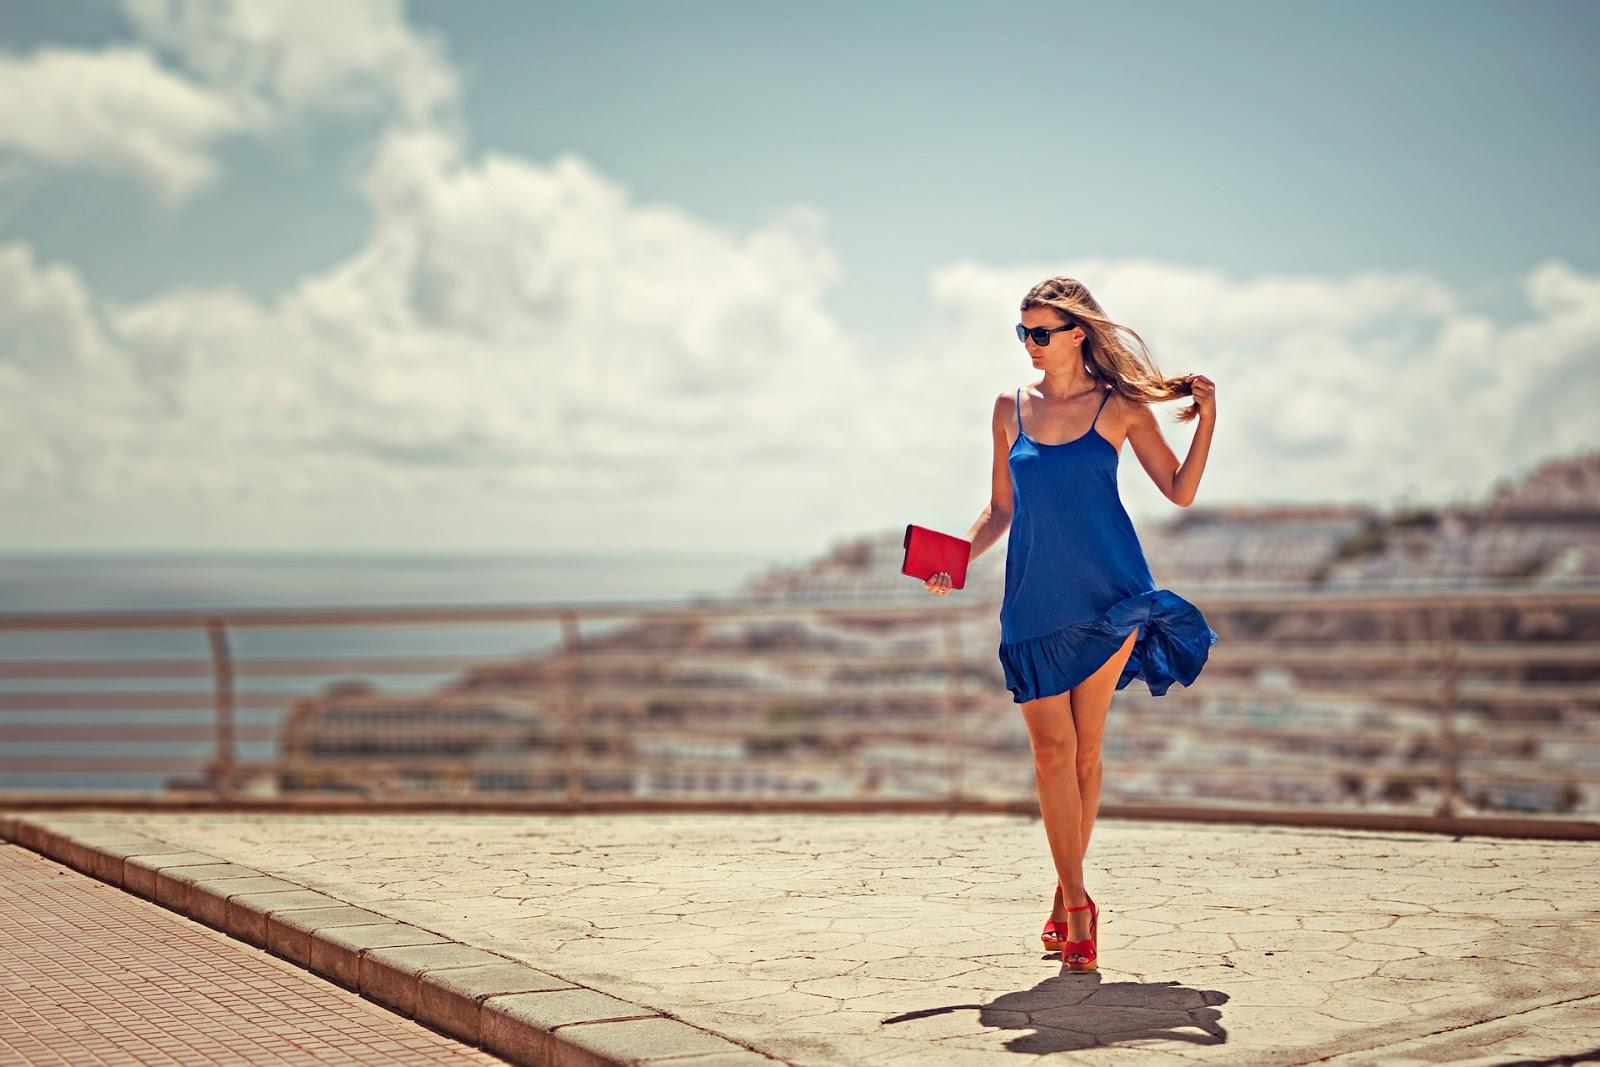 welche schuhe zum blauen kleid kombinieren?